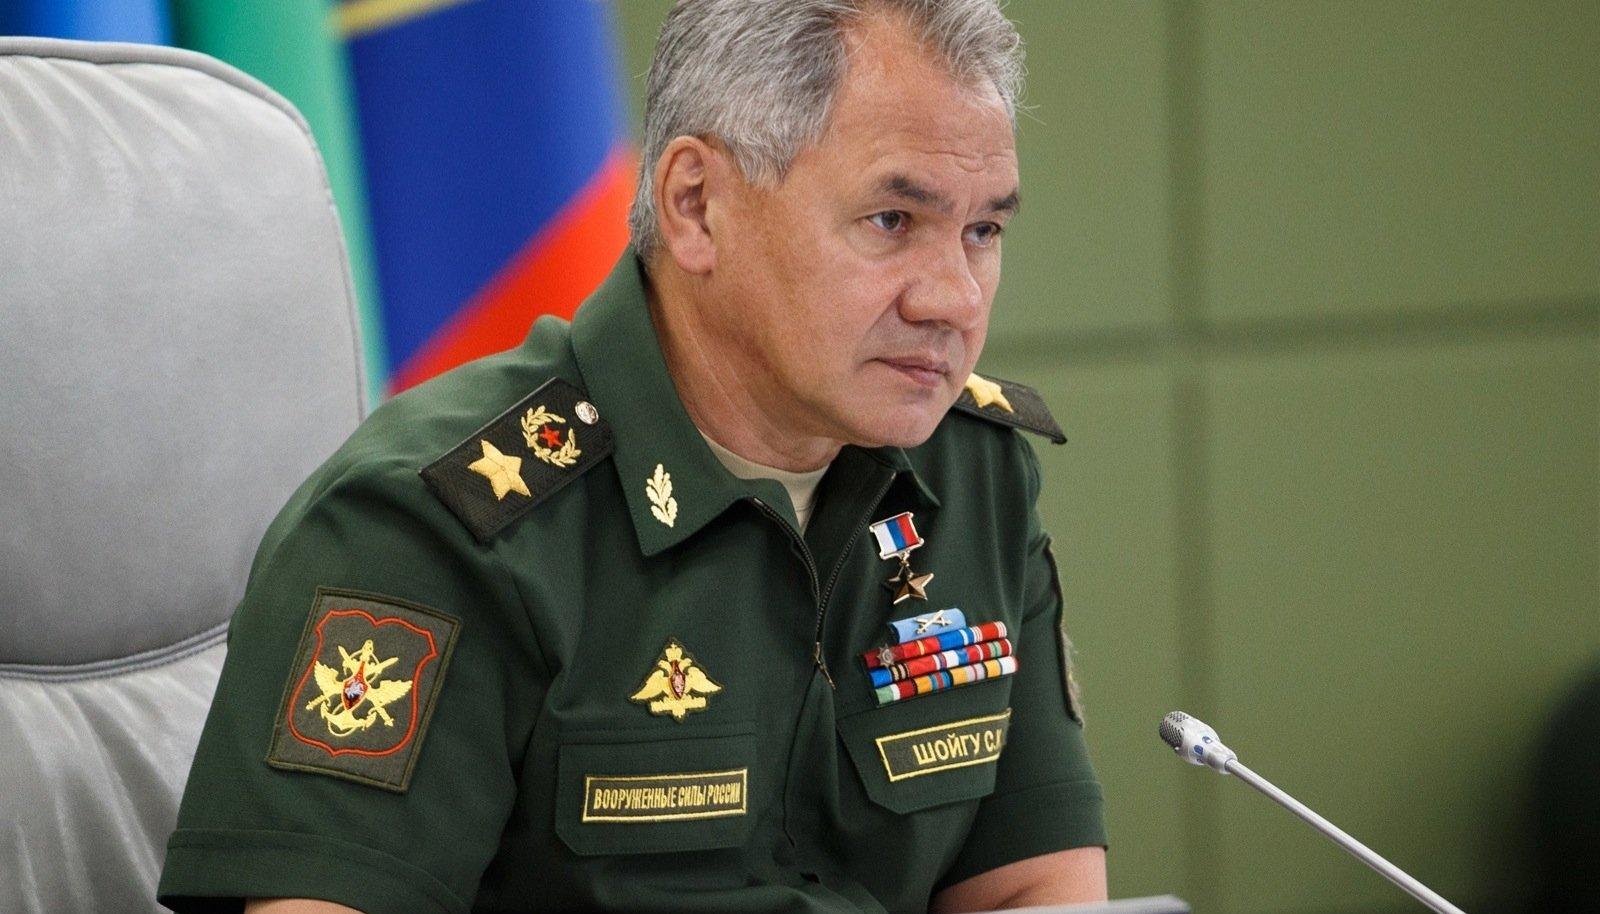 Toomas Alatalu: Tormilised arengud Moldovas - Venemaaa kaitseminister läheb Chisinausse eraisikuna (!) vabastaja monumendi taasavamisele